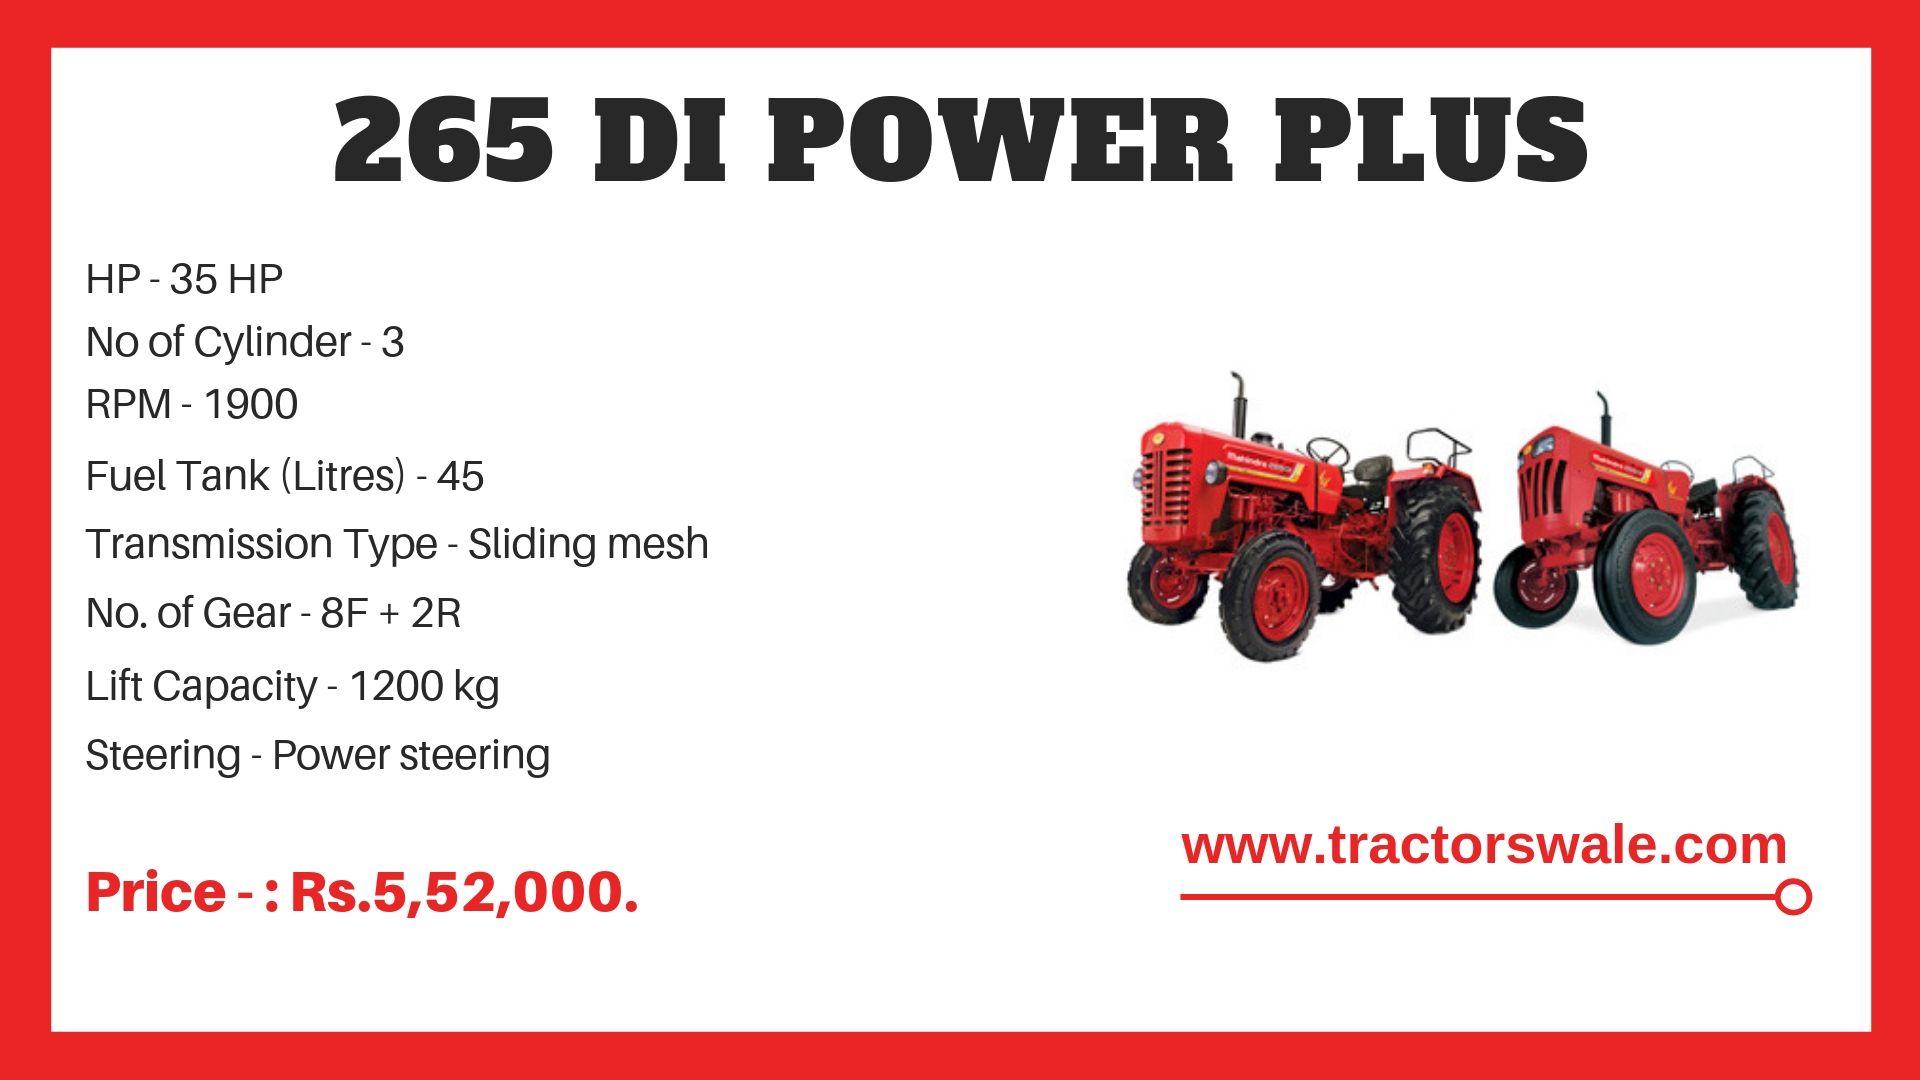 265 DI Power Plus Tractor